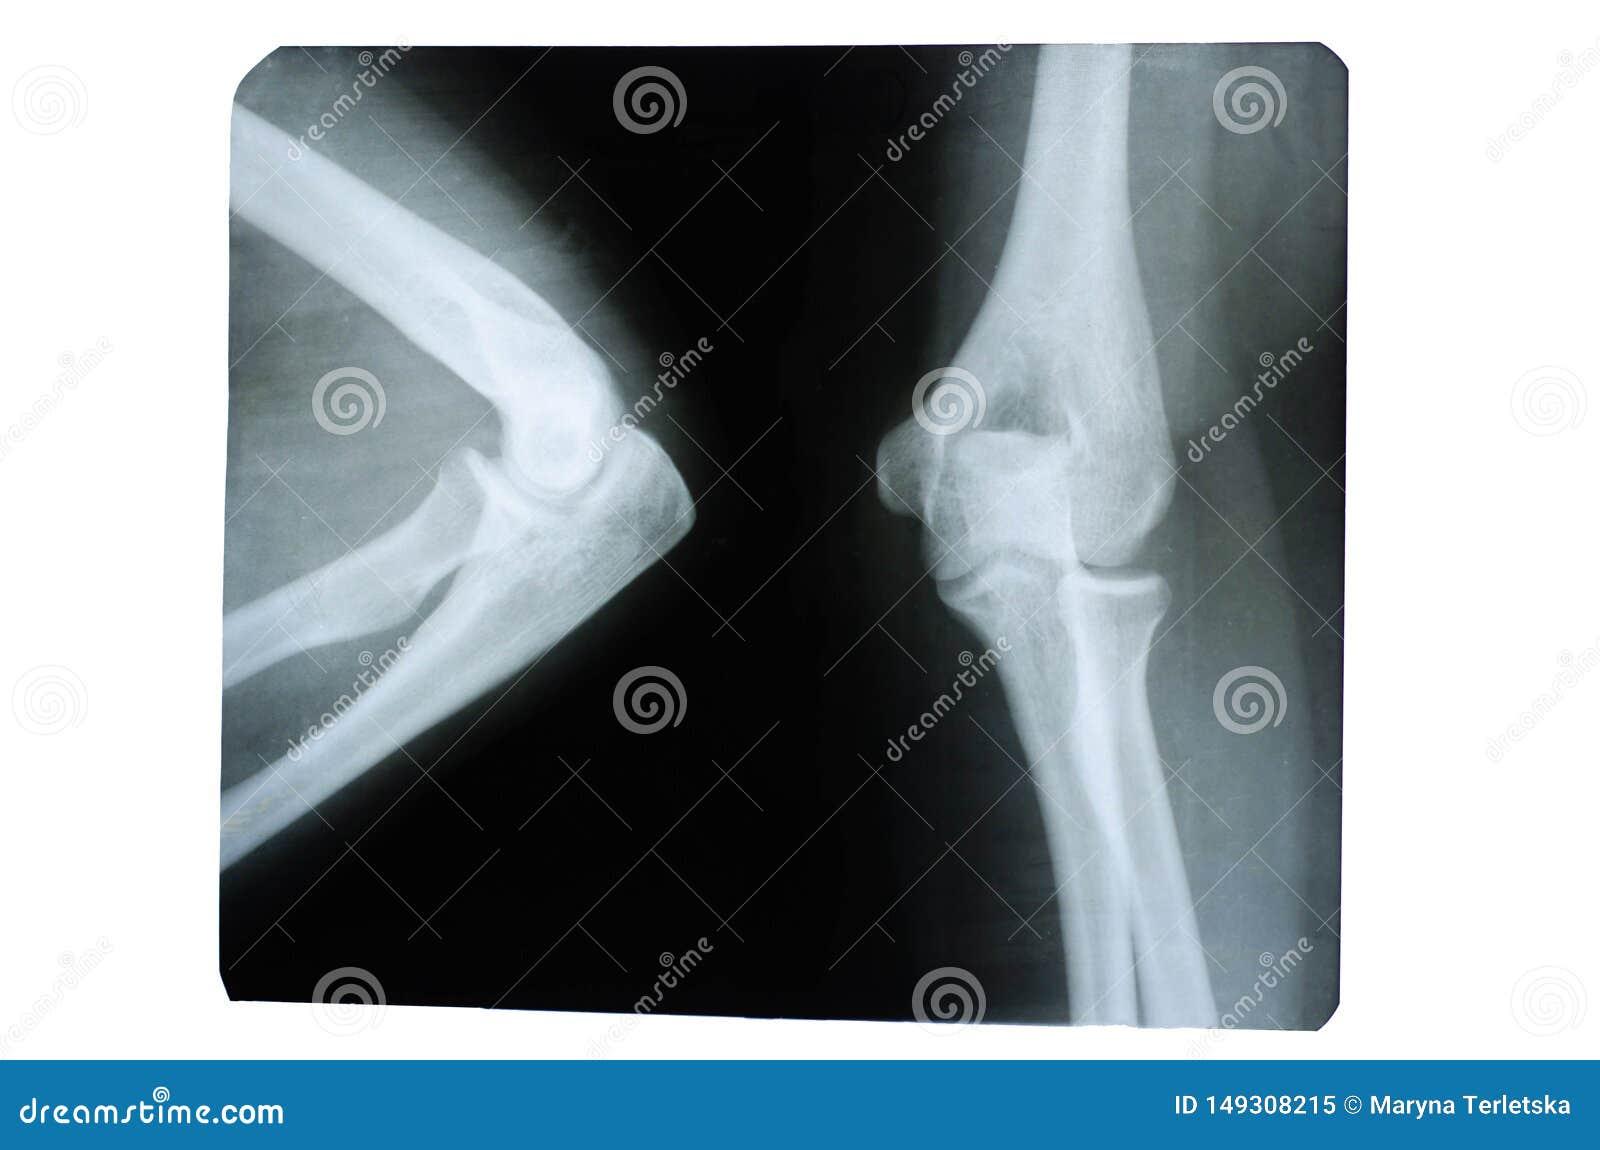 Φωτογραφία μιας ανθρώπινης ακτίνας X μιας ένωσης στην περιοχή αγκώνων